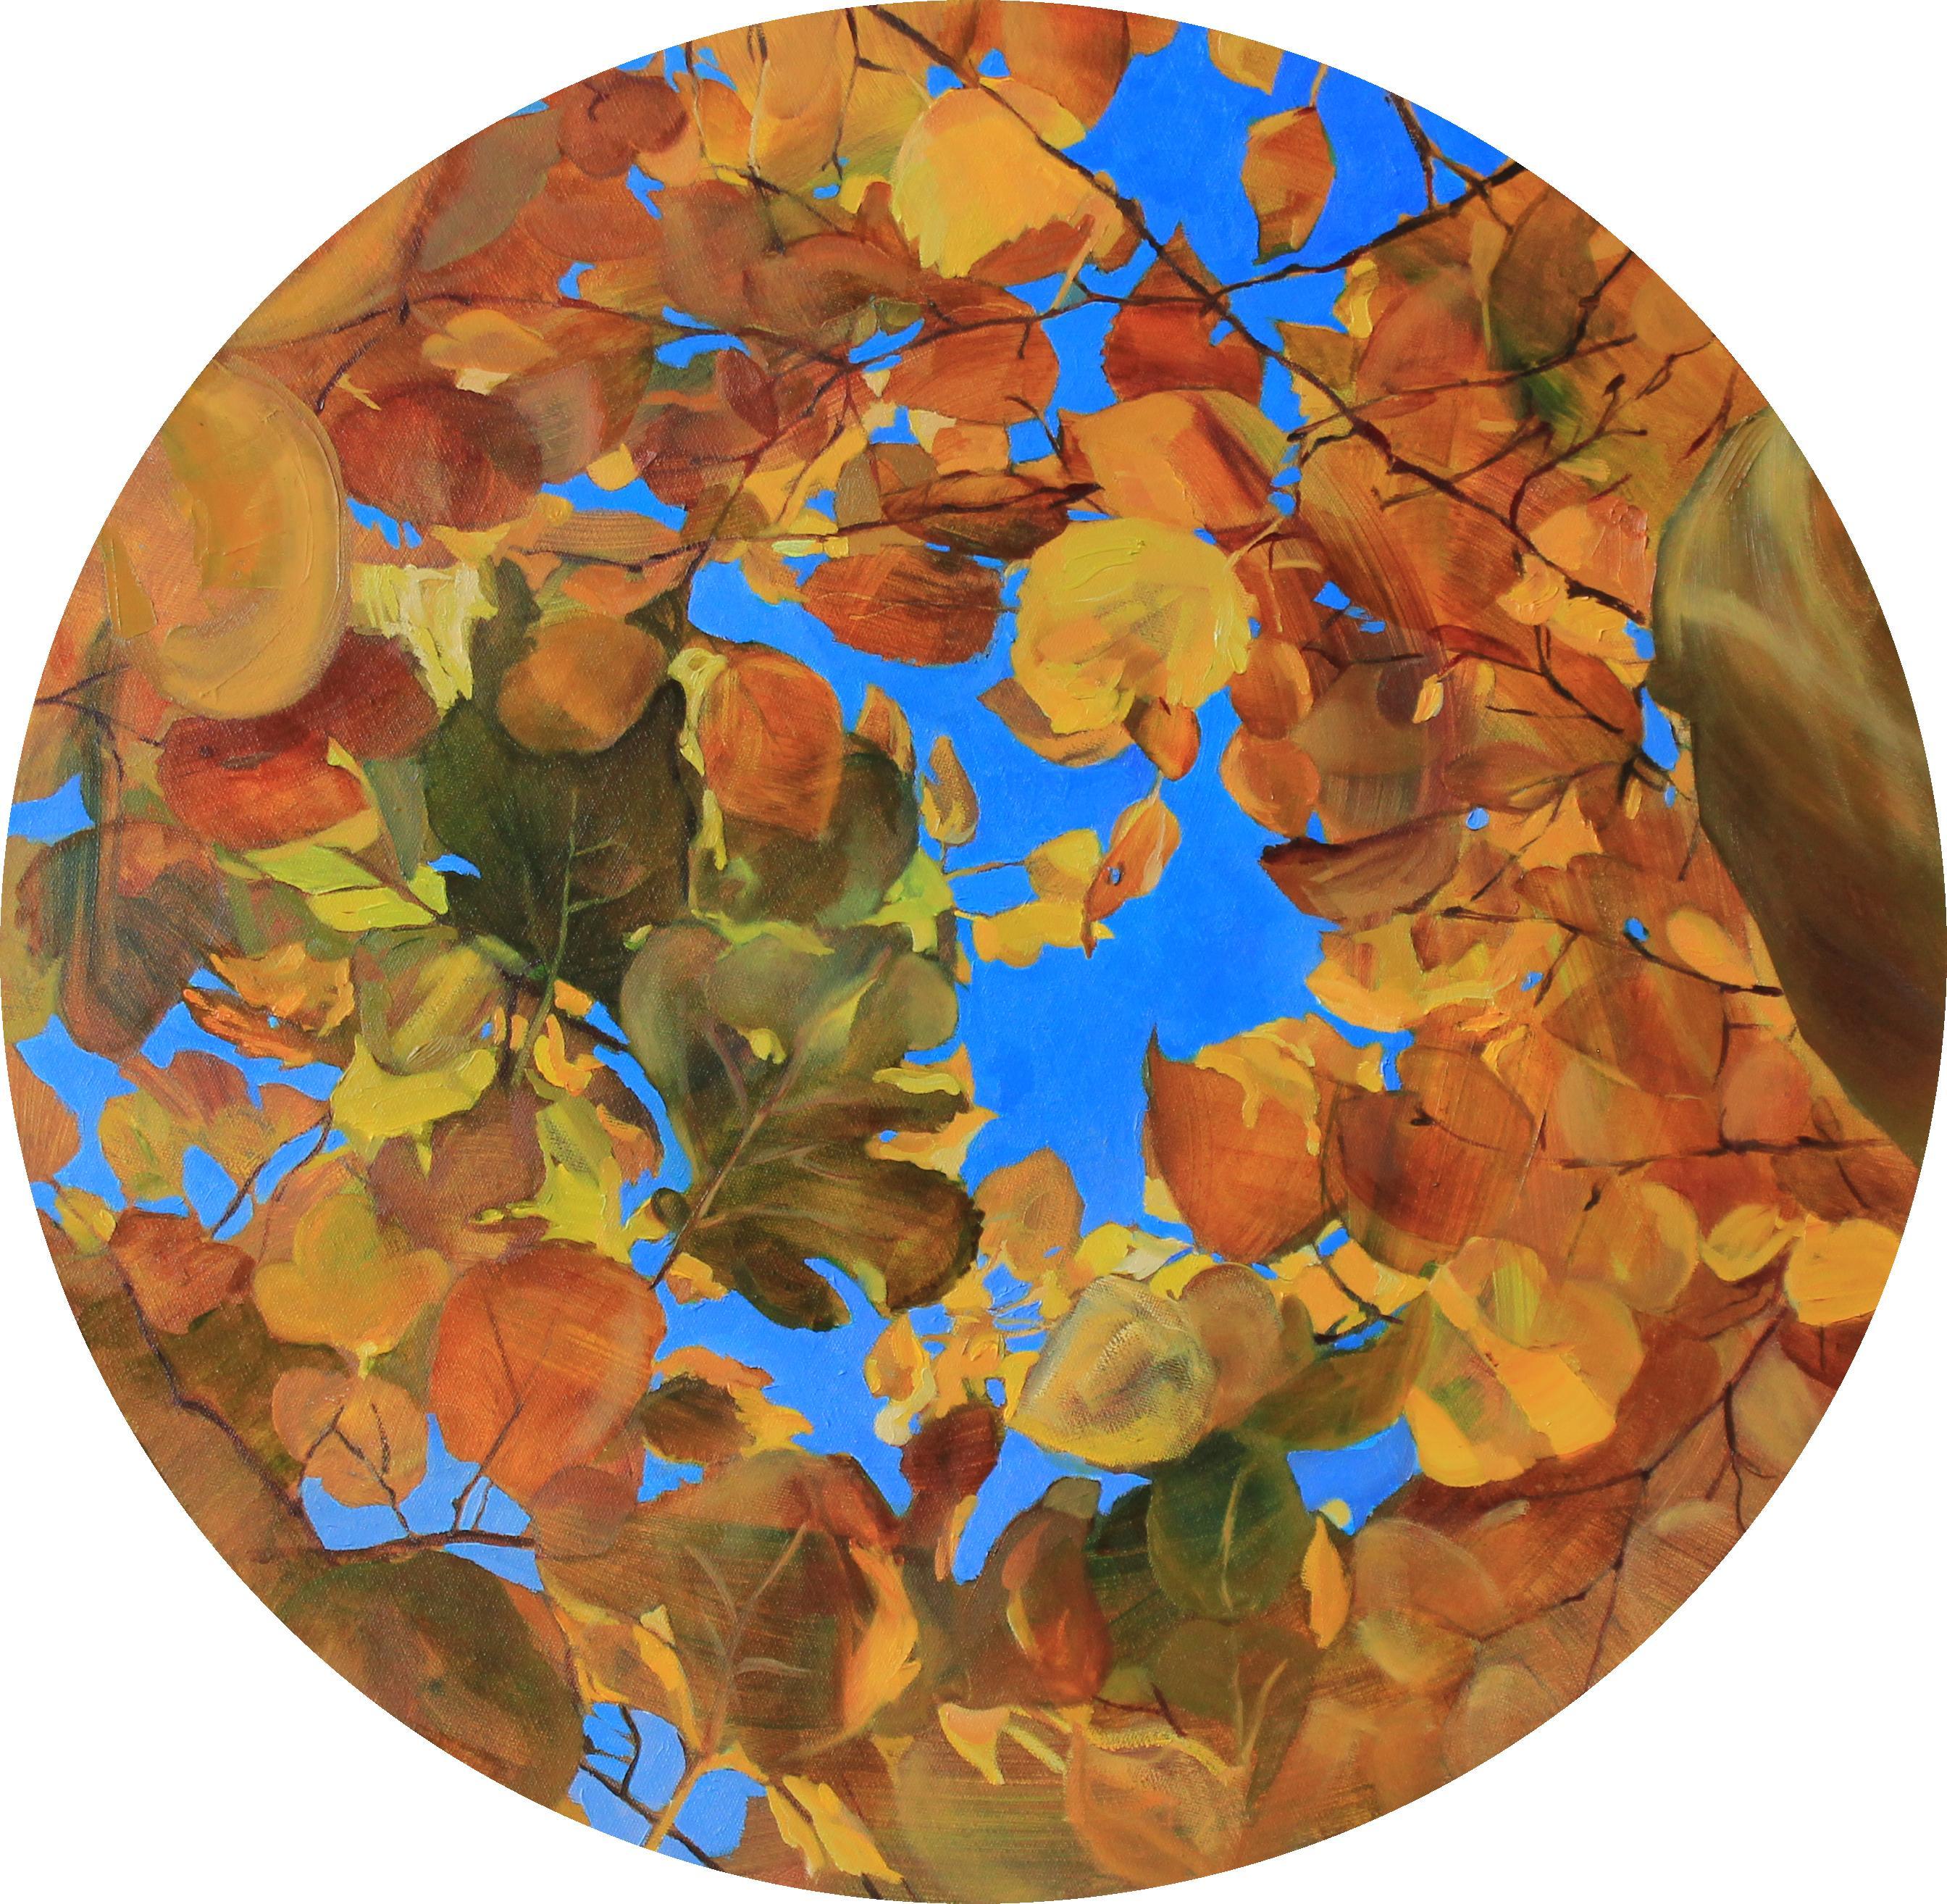 Autumn Brocade- 21st Century Contemporary Oilpainting of Autumn Trees